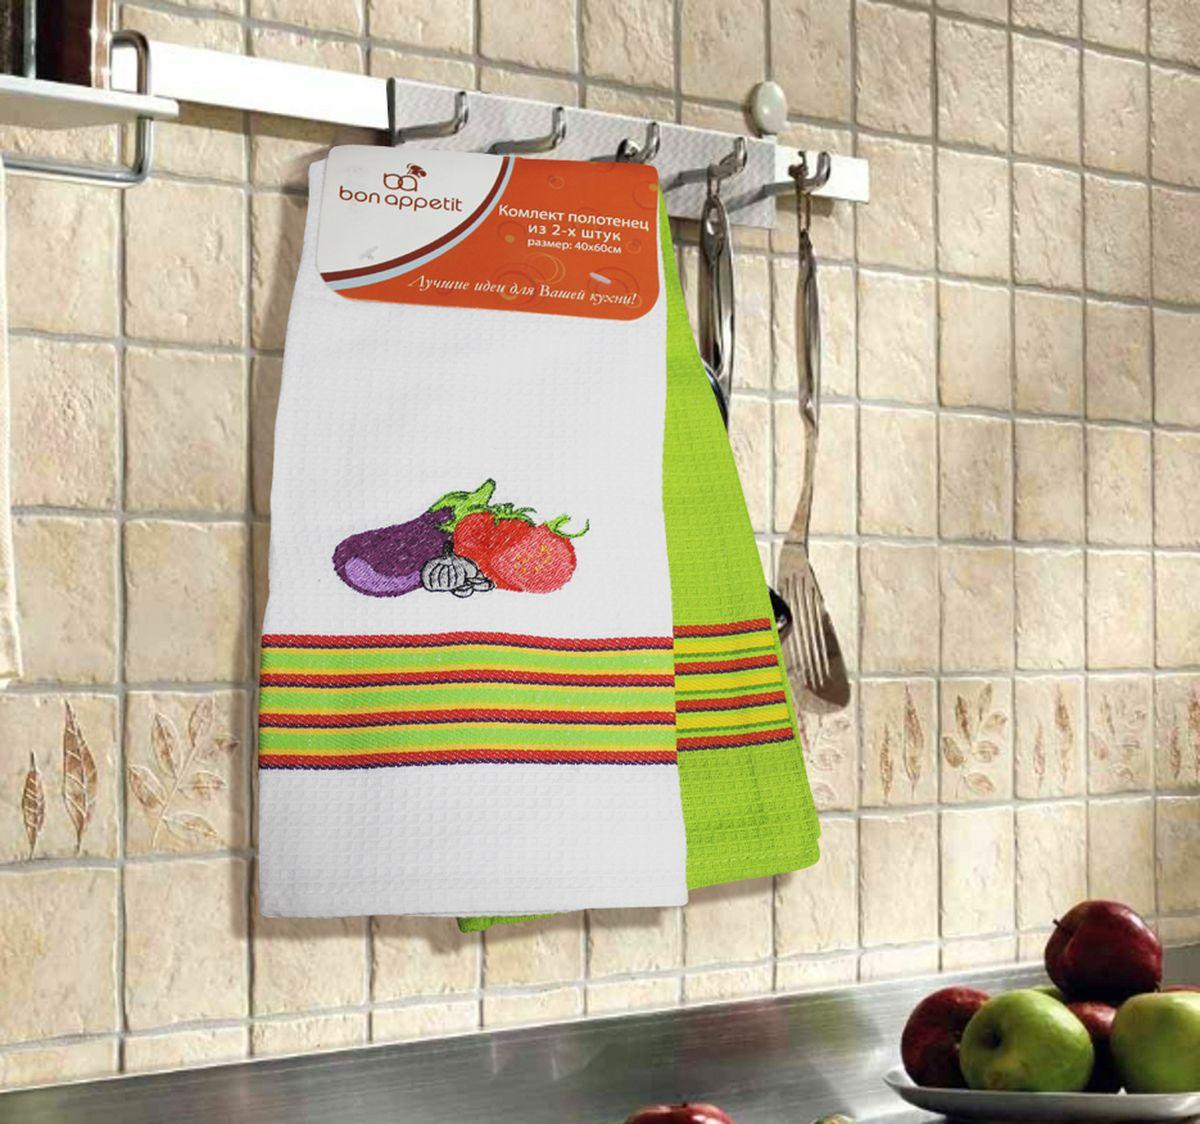 Набор кухонных полотенец Bon Appetit Vegetables, цвет: зеленый, 2 шт64861Кухонные полотенца Bon Appetit Vegetables - в помощь хозяйке на кухне! Кухонные полотенца Bon Appetit Vegetables идеально дополнят интерьер вашей кухни и создадут атмосферу уюта и комфорта. Полотенца выполнены из натурального 100% хлопка, поэтому являются экологически чистыми. Качество материала гарантирует безопасность не только взрослых, но и самых маленьких членов семьи.